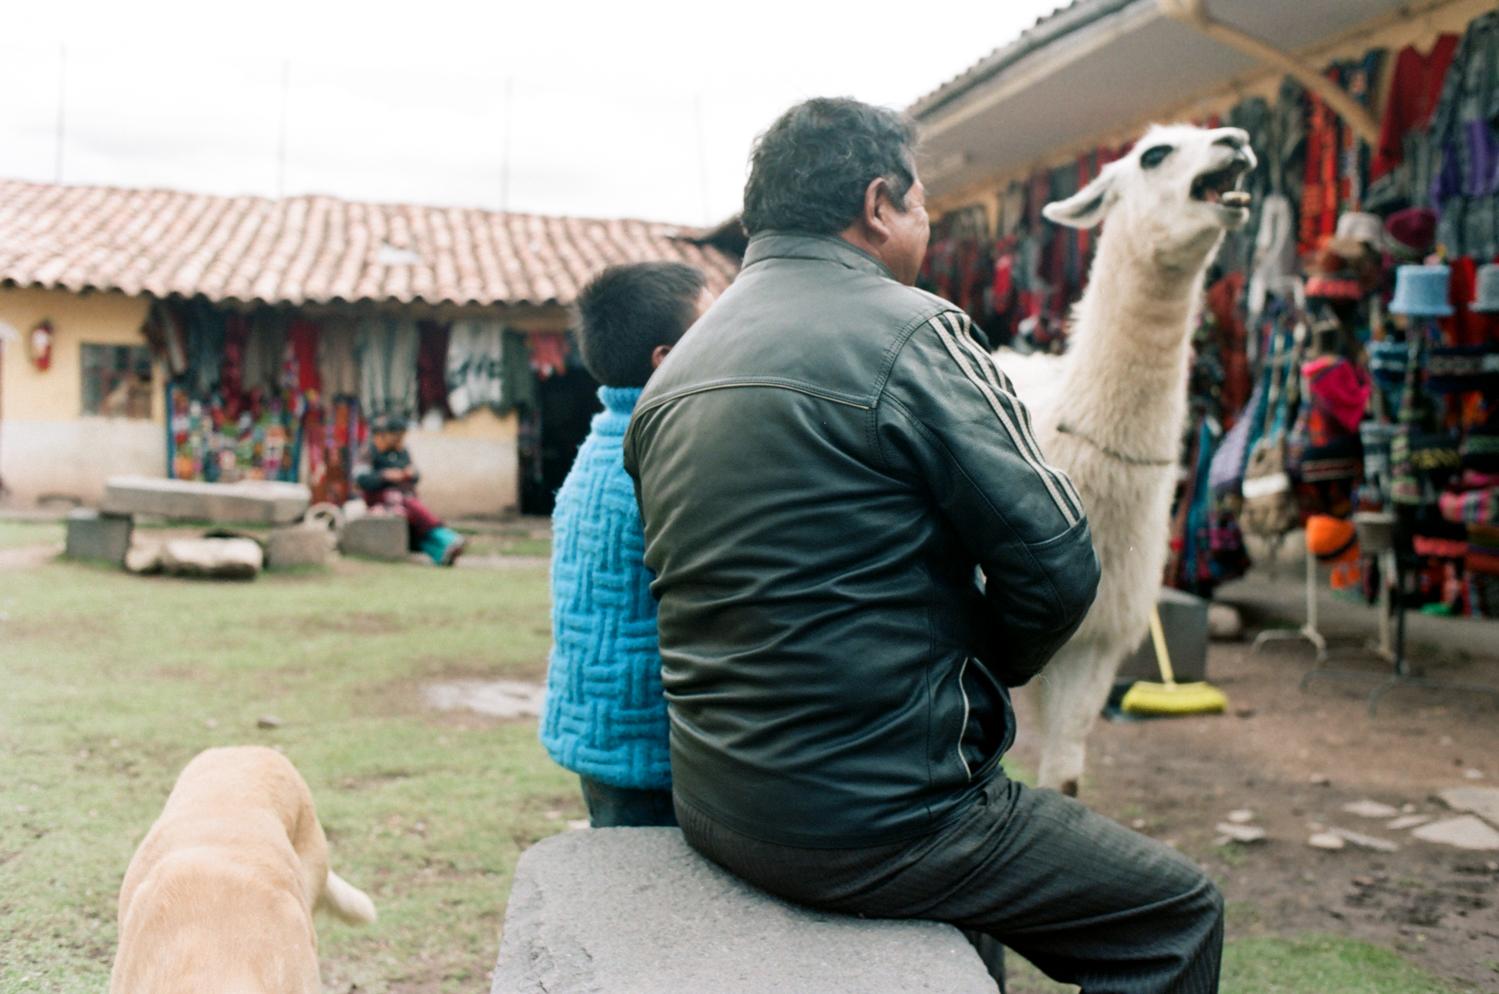 RaulGuillermo_Cusco002.jpg